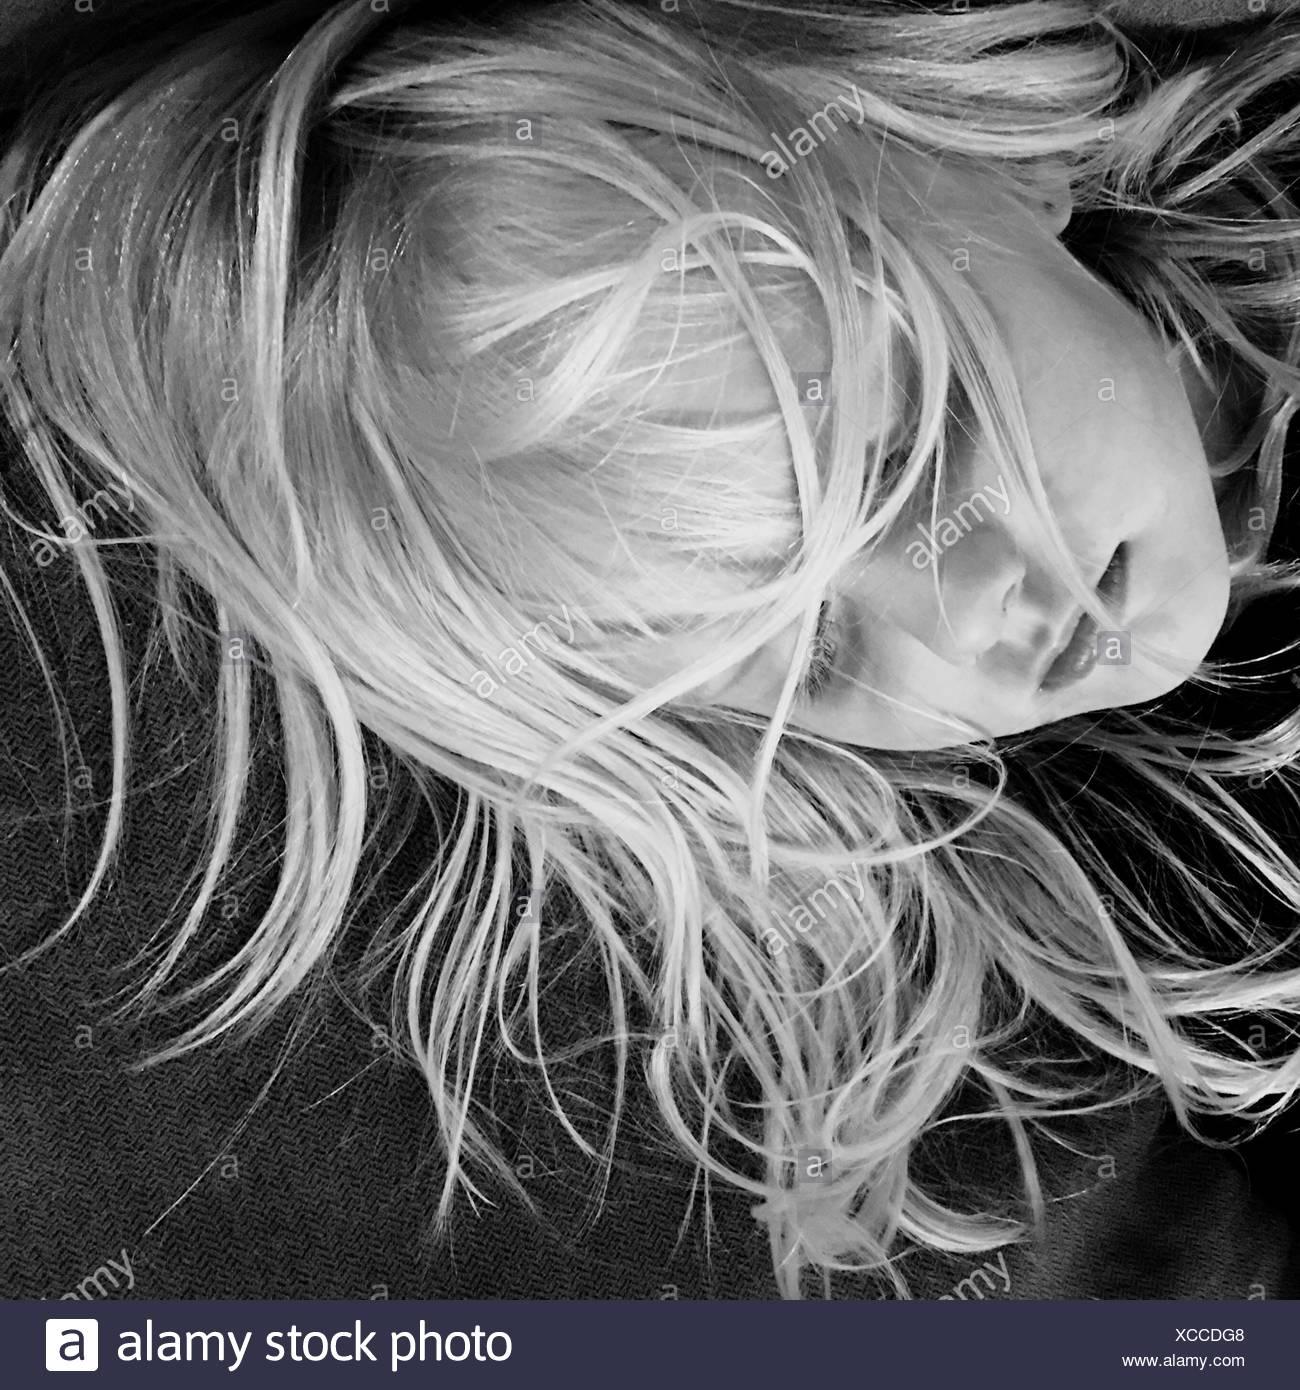 Portrait de jeune fille avec les cheveux en désordre sur le lit de couchage Photo Stock